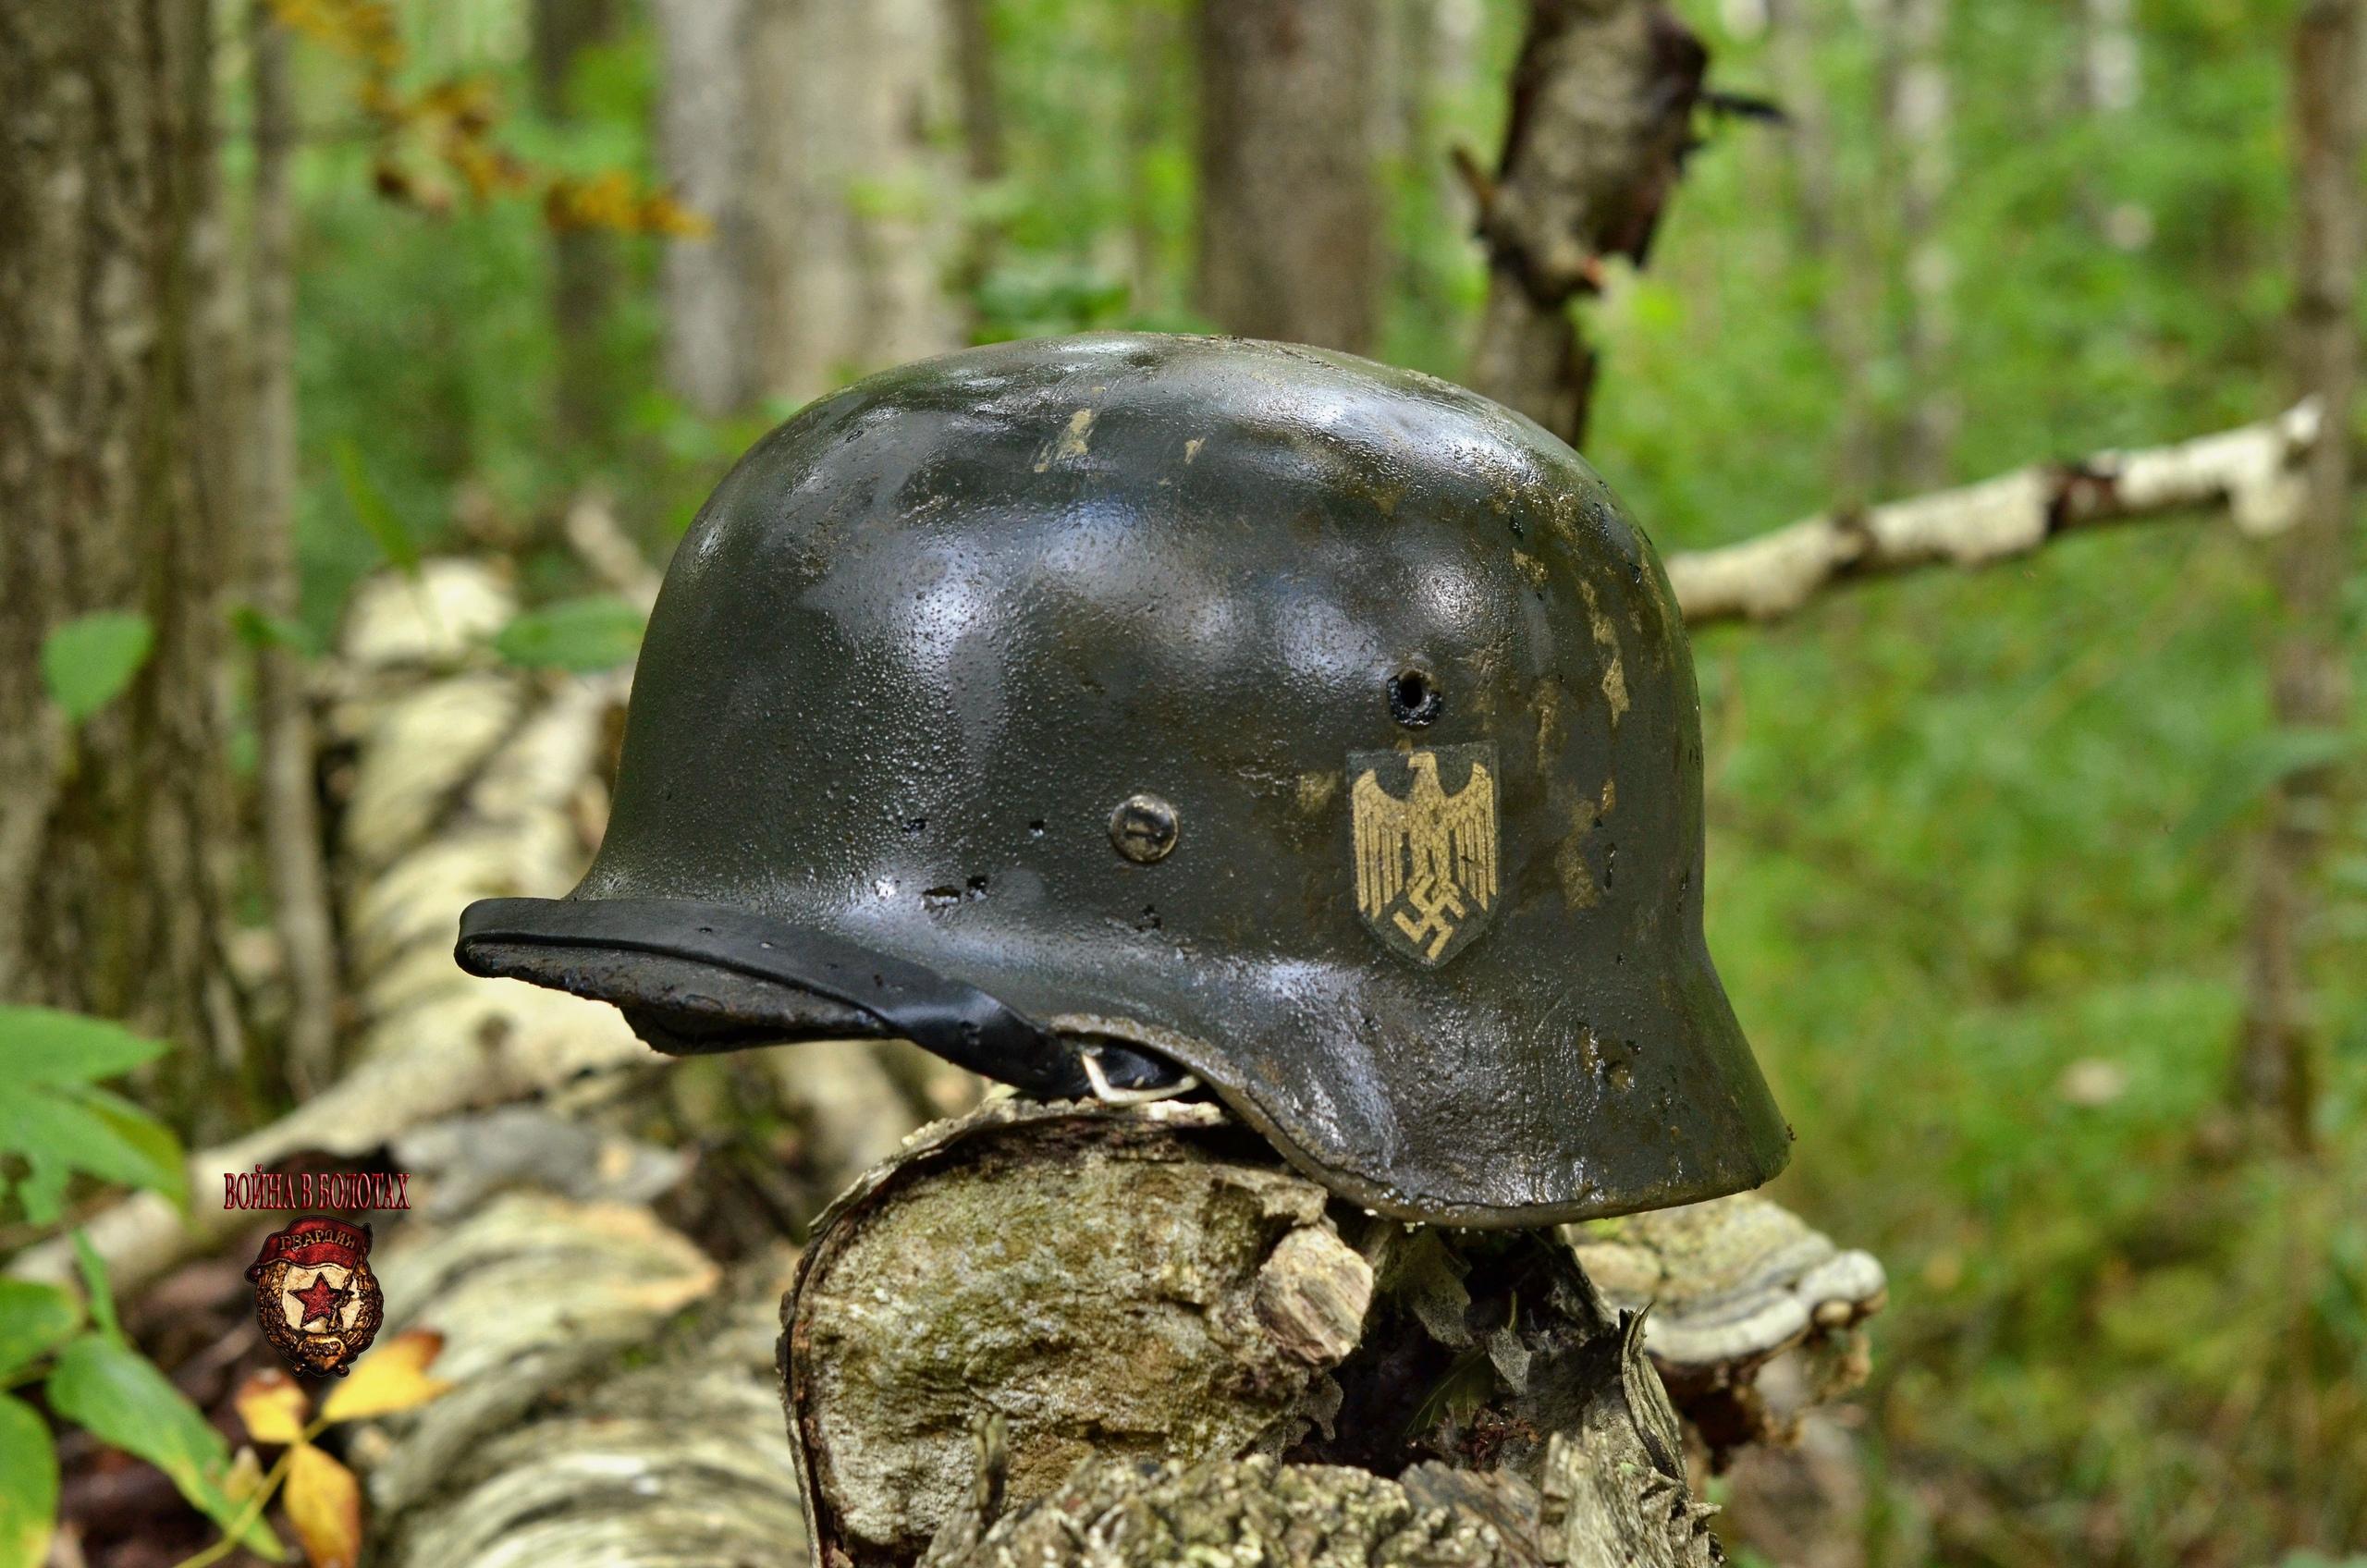 German M-40 helmet